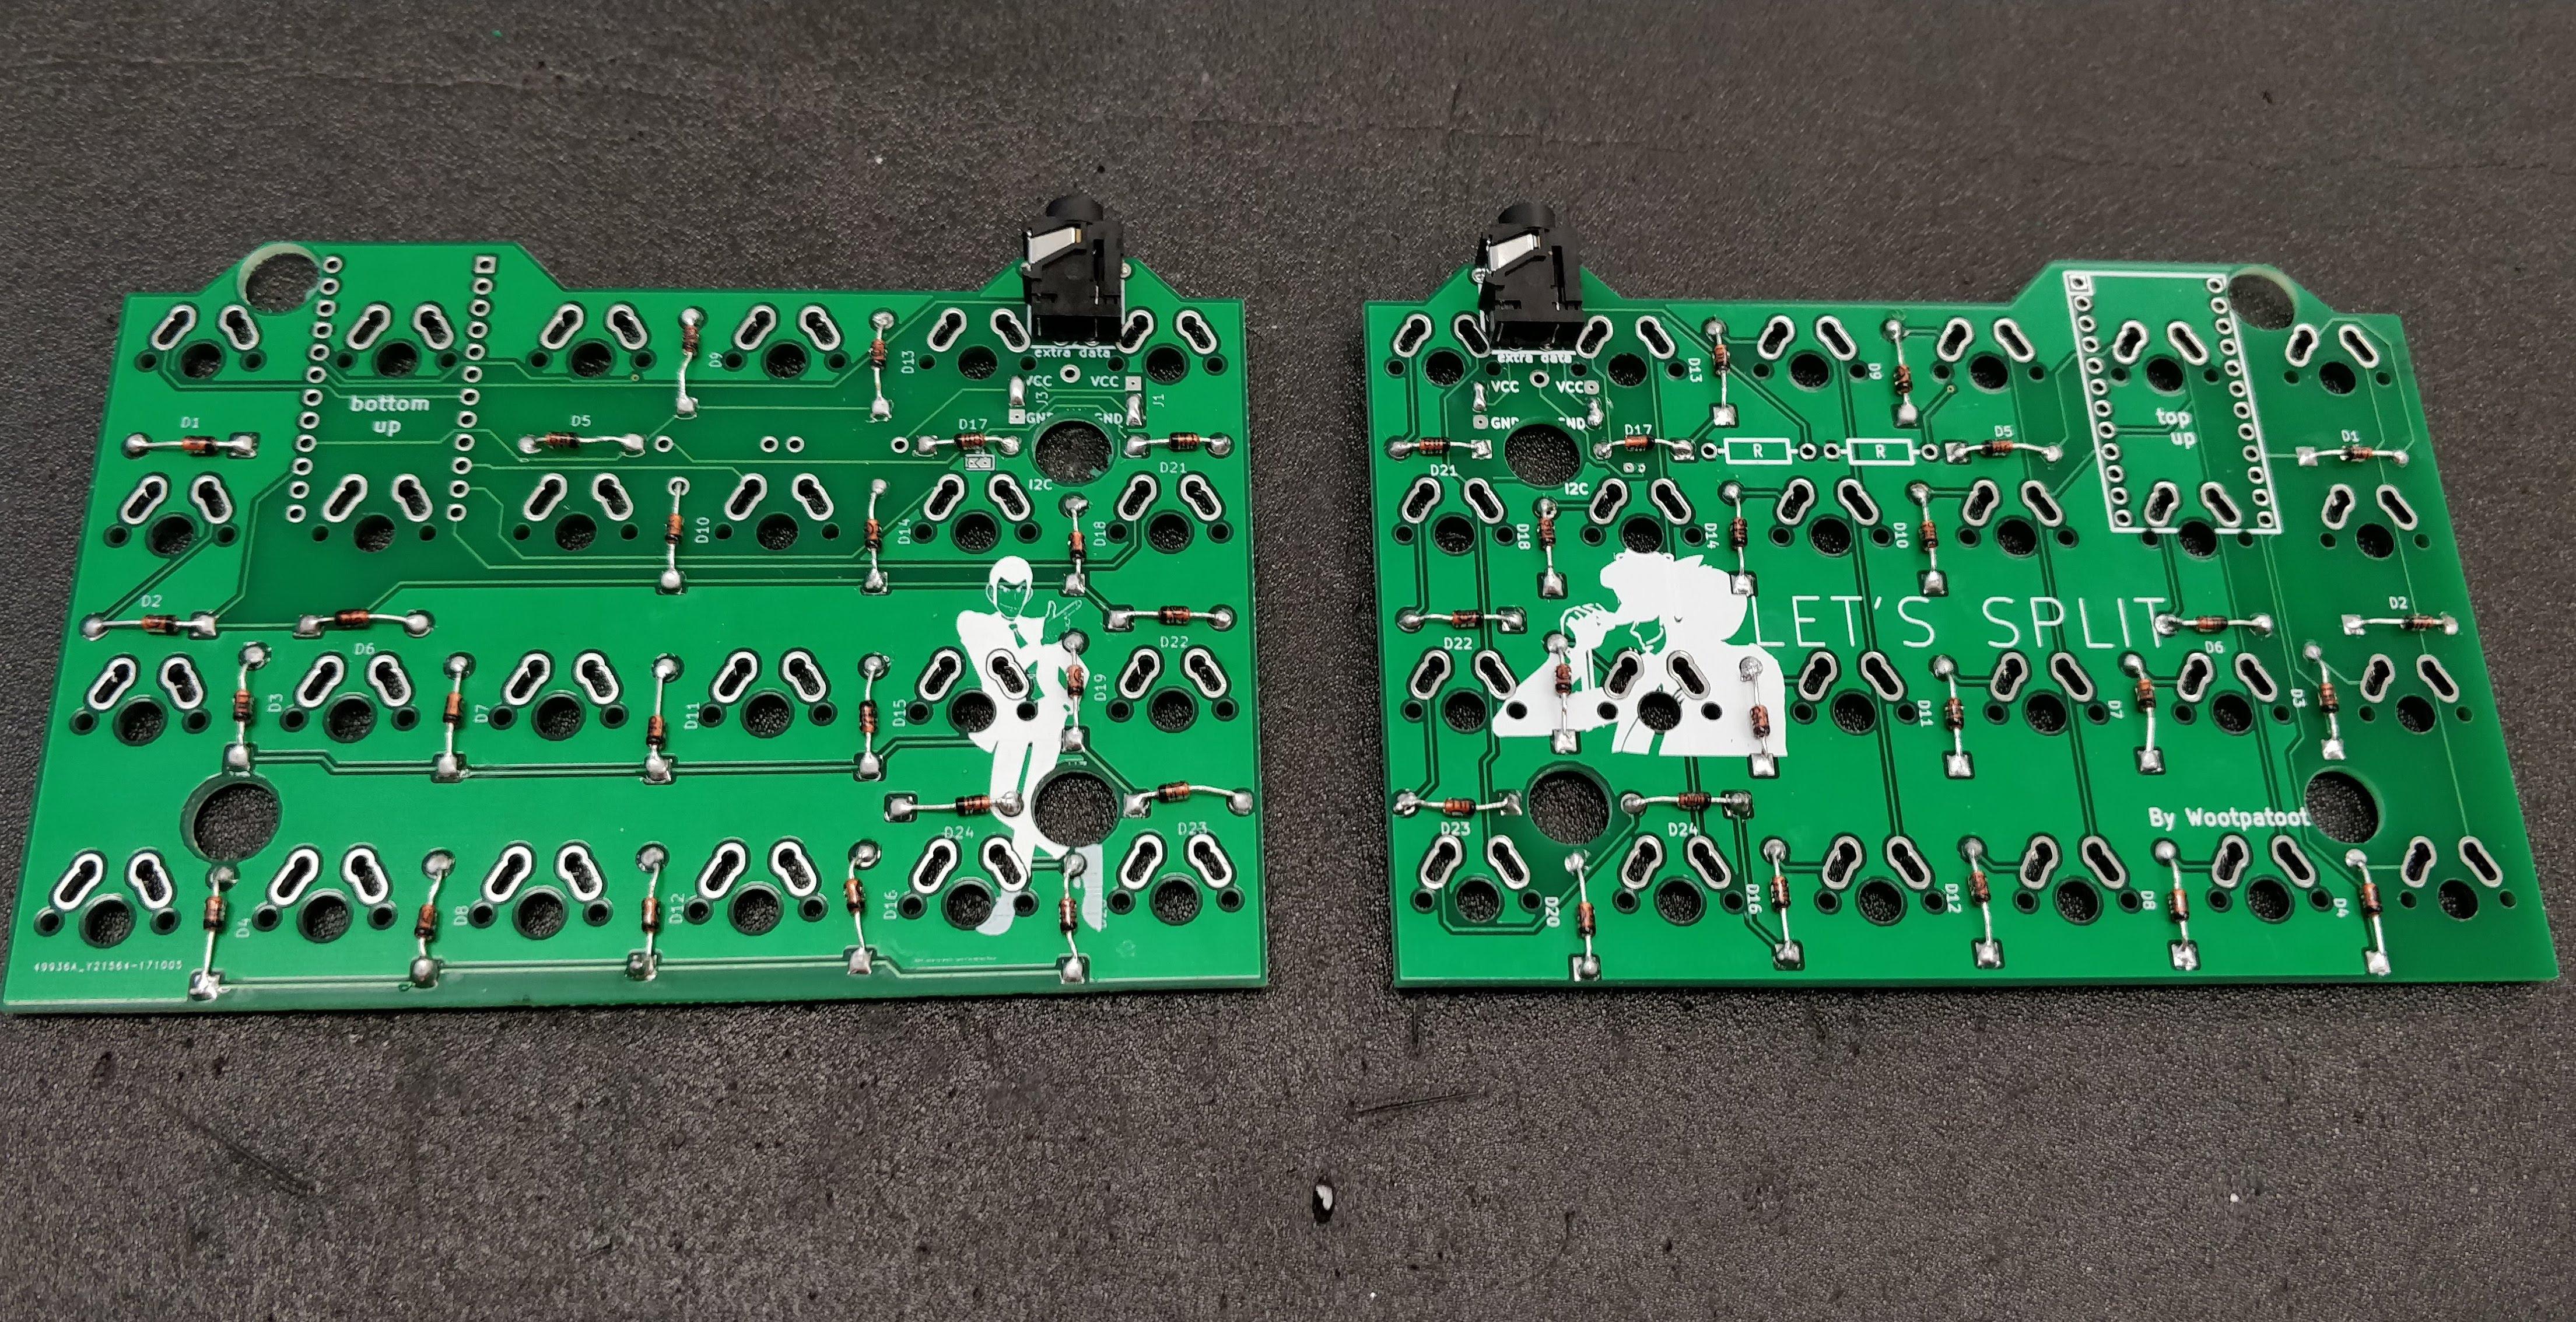 Let's Split - Step 3 - TRRS jacks soldered